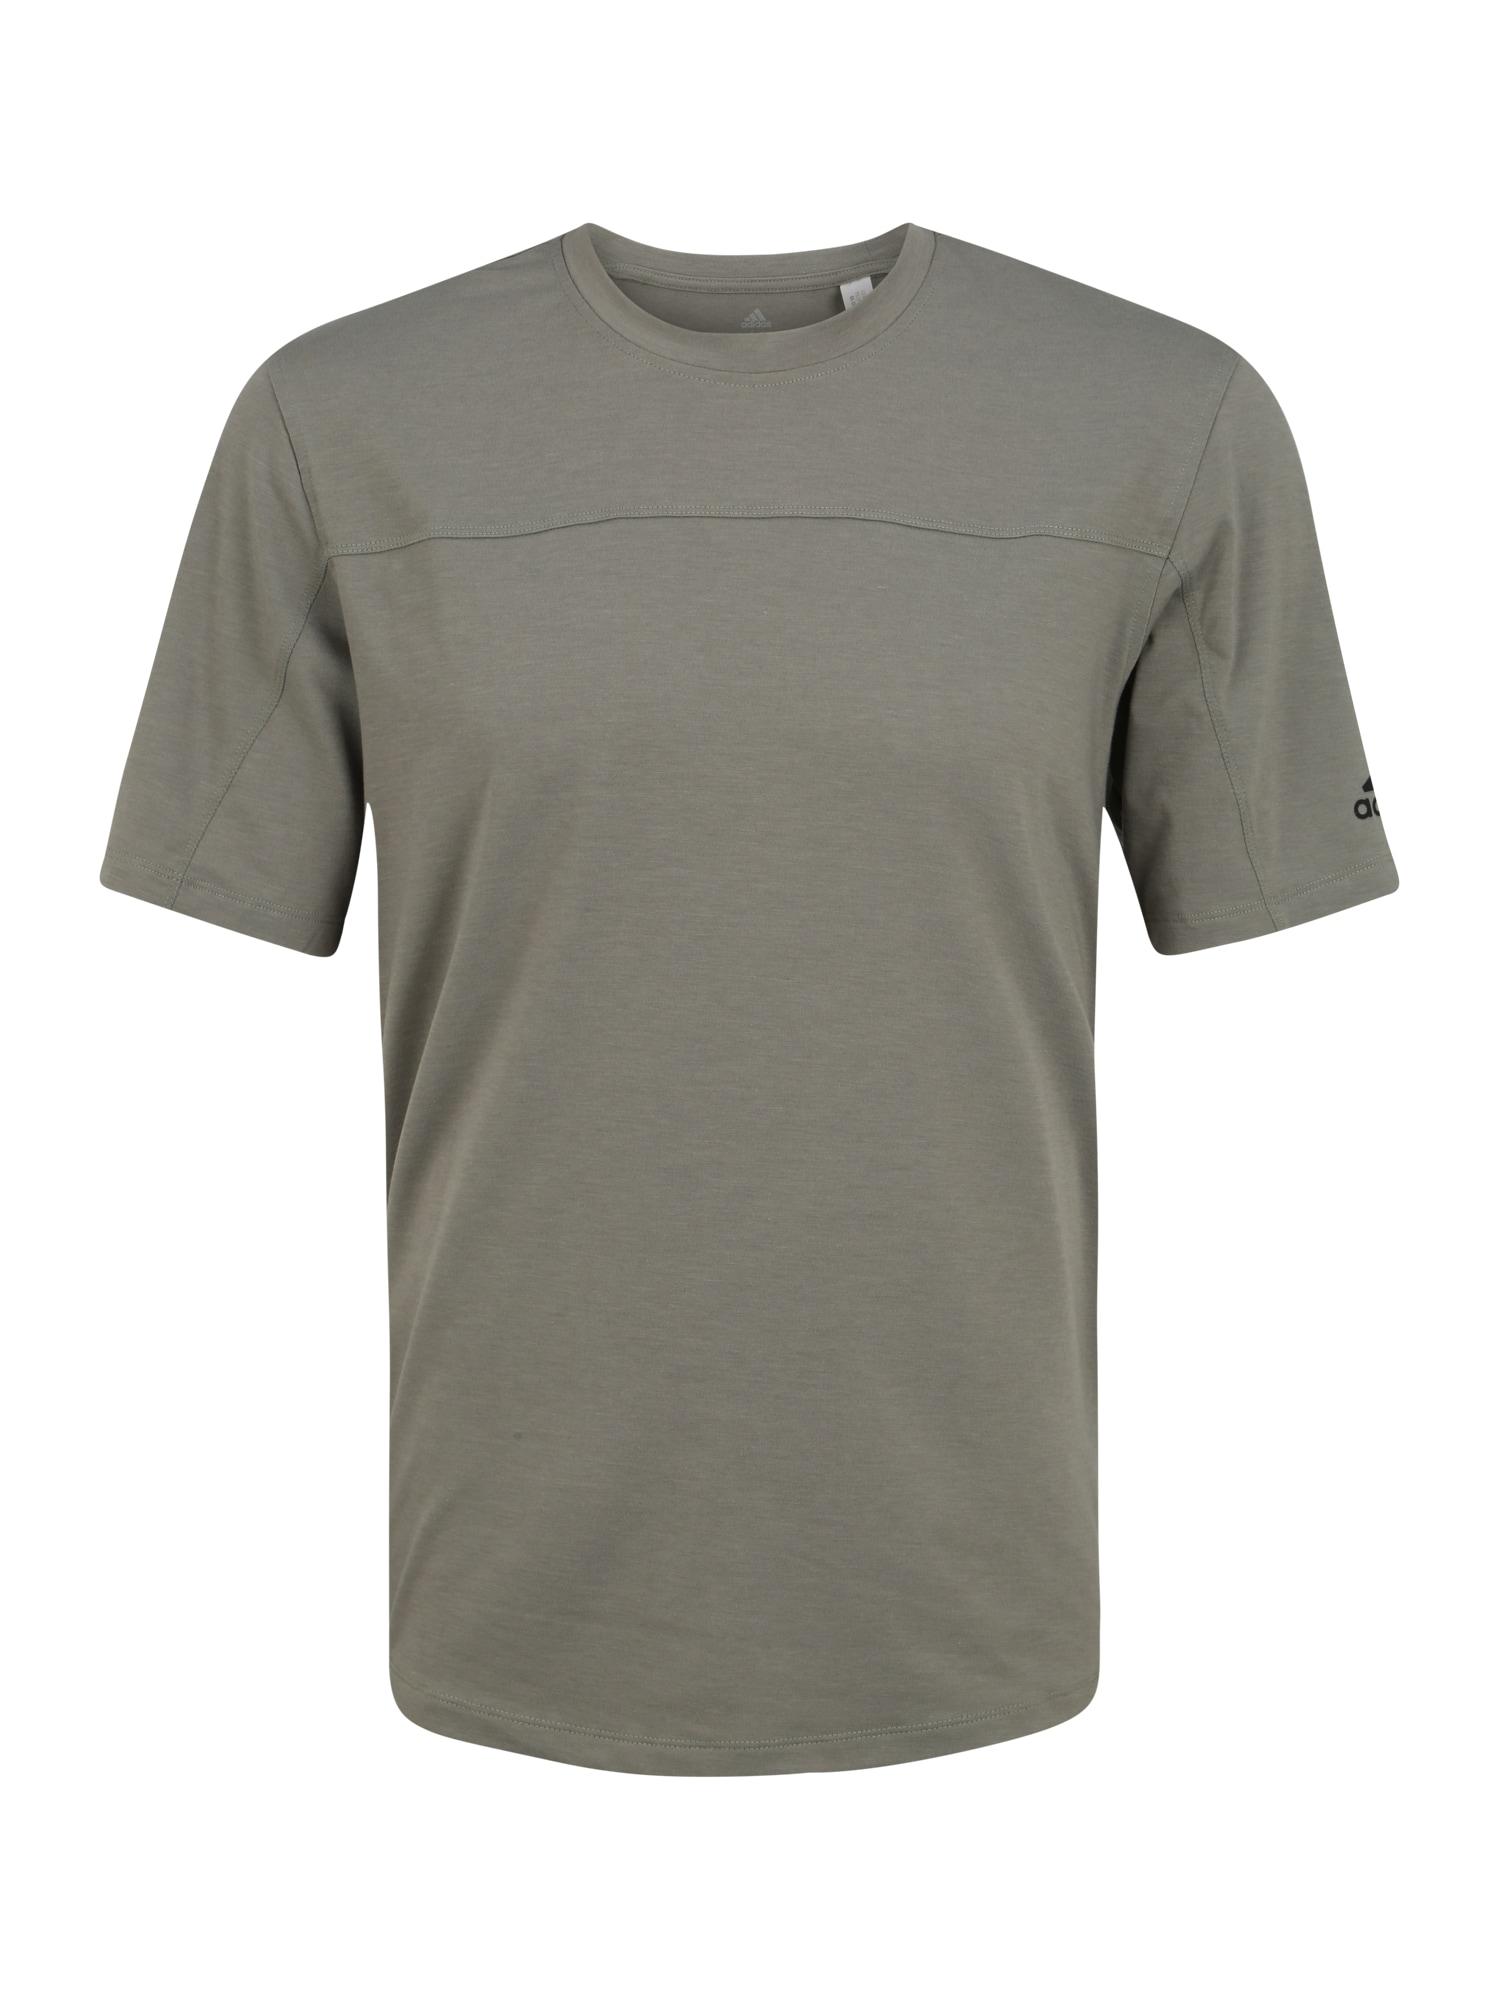 ADIDAS PERFORMANCE Sportiniai marškinėliai 'CITY BASE TEE' rusvai žalia